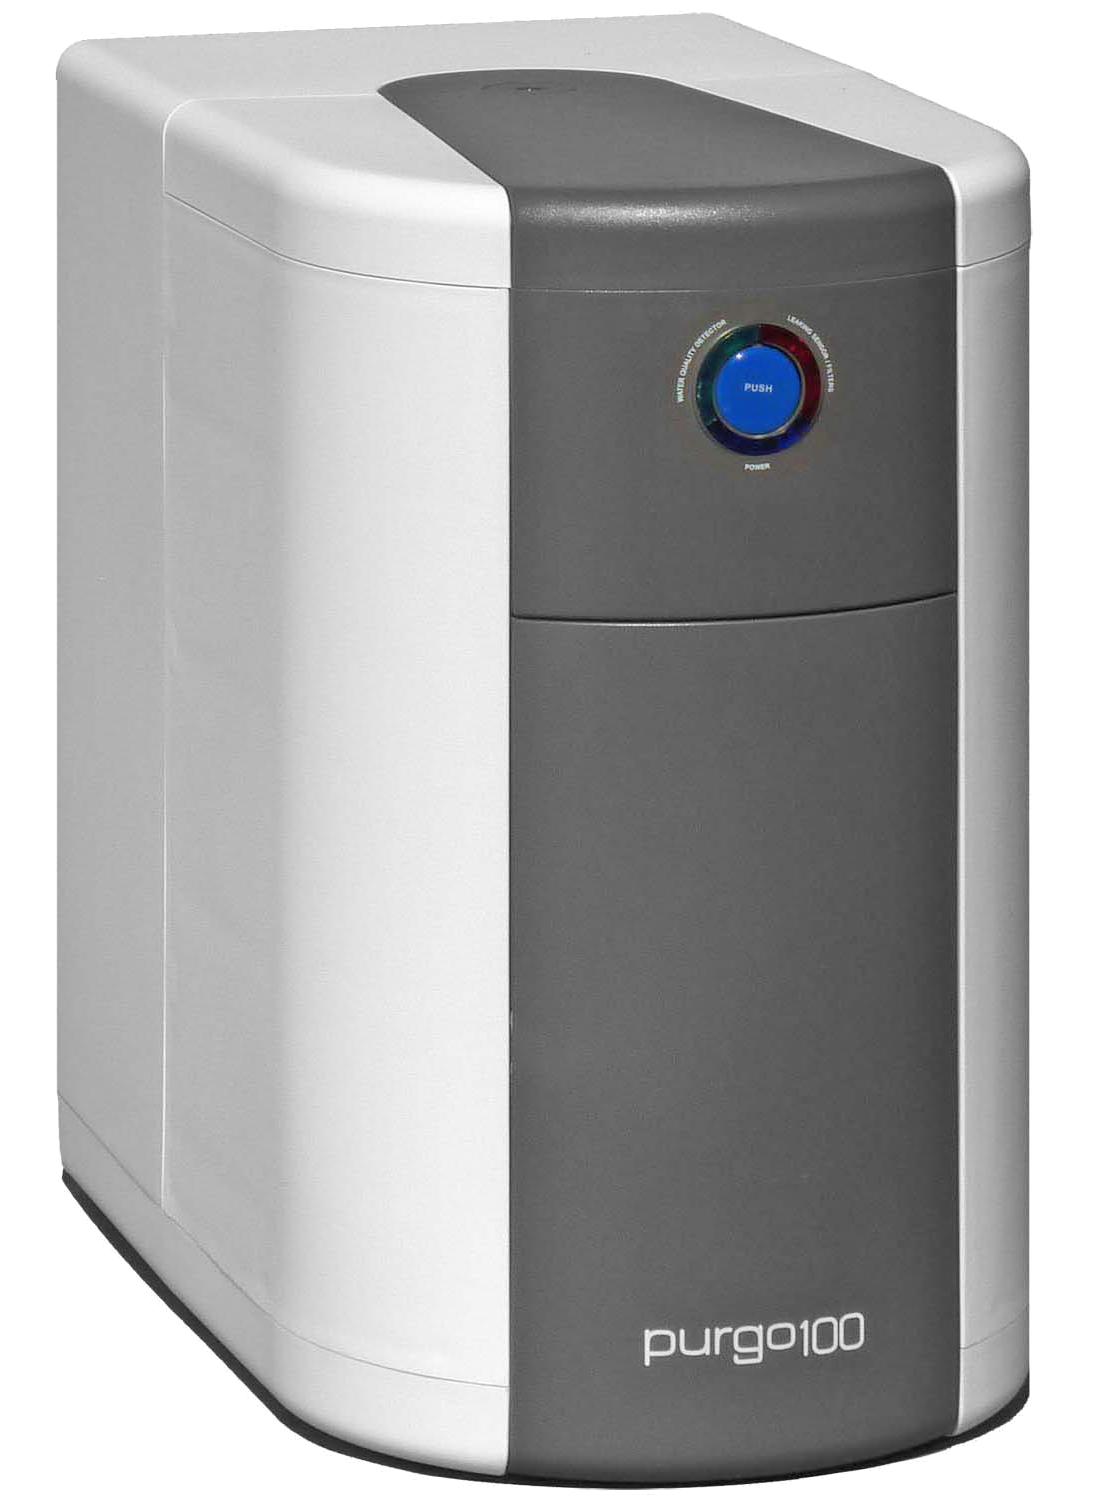 Die besonders preisgünstige   purgo100   hält fünf Liter reines Wasser im Vorratstank bereit - genug für eine mehrköpfige Familie.